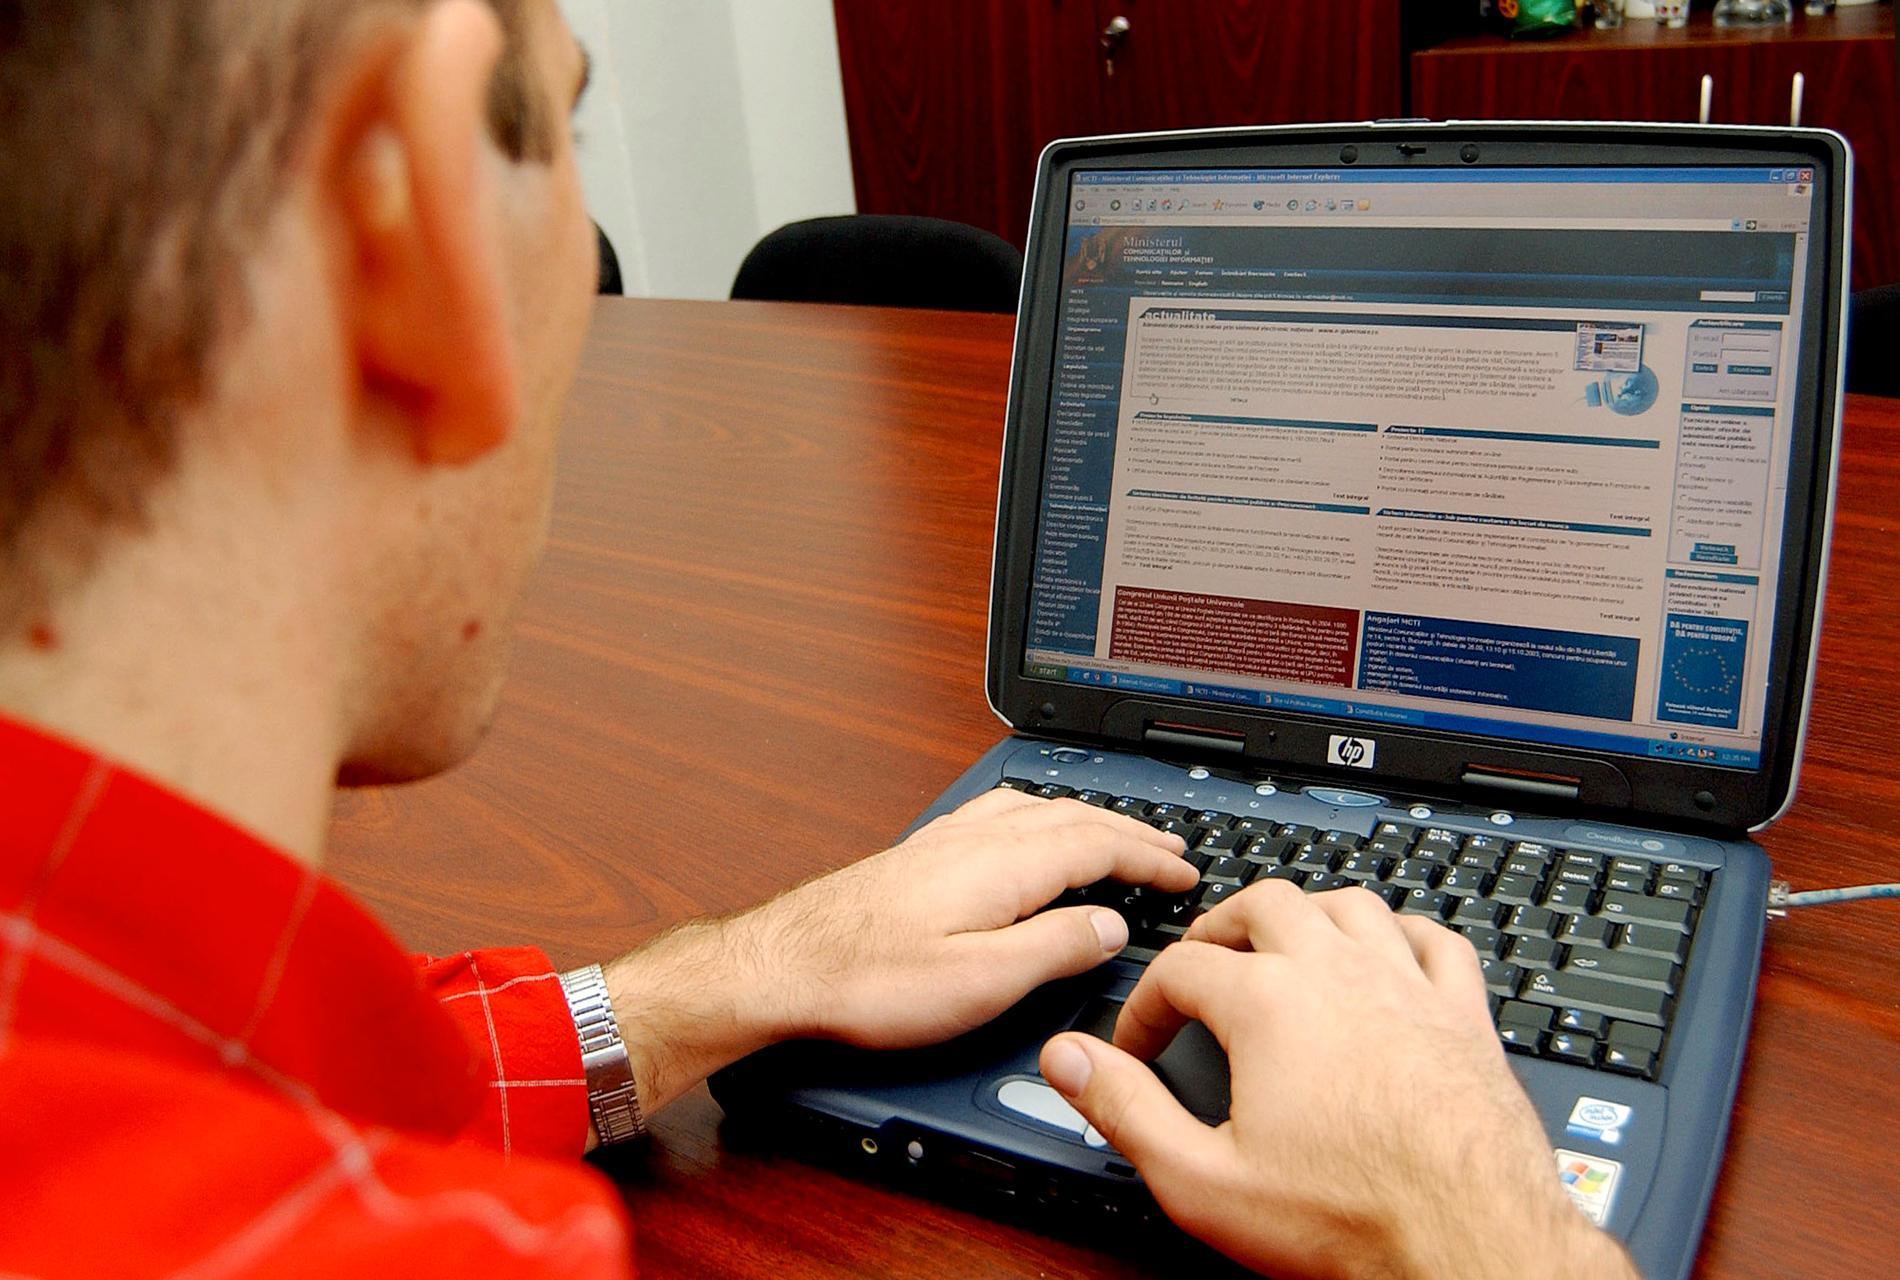 Hur ersättning ska betalas vid länkande och bättre stopp för uppladdning av upphovsrättsskyddat material ingår i EU:s omdebatterade nya regler för upphovsrätt på nätet. Datoranvändaren på bilden - en rumänsk polis i början av 00-talet - har dock inget med texten att göra. Arkivfoto.